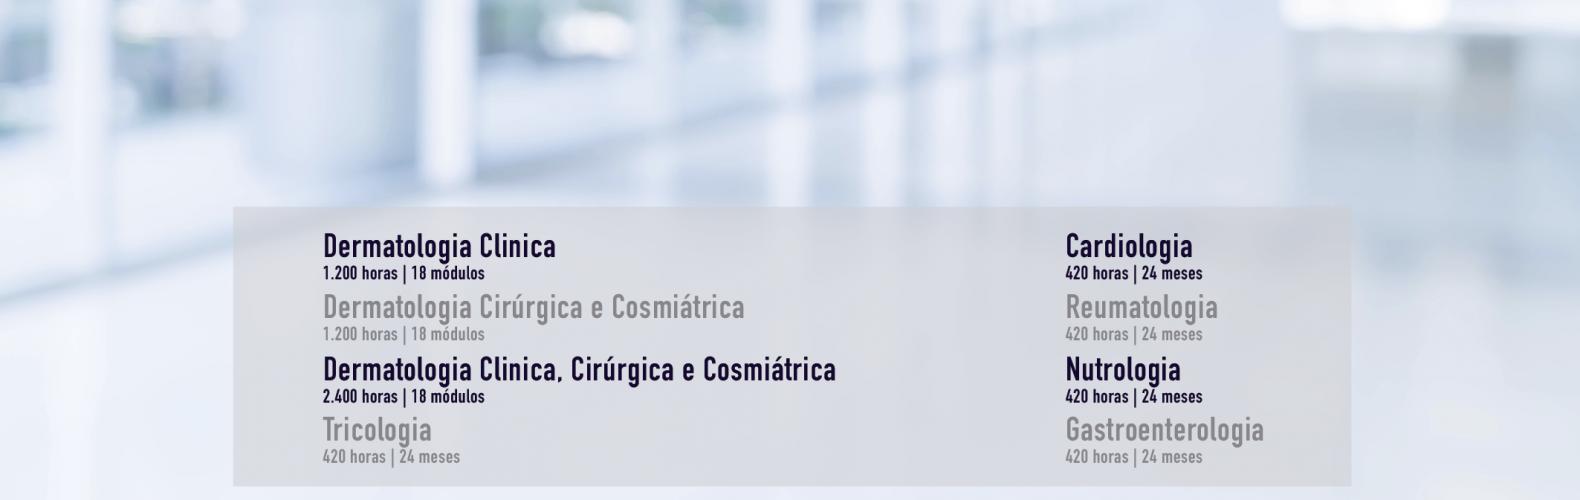 site-slide-cbms-24-meses_Prancheta 1